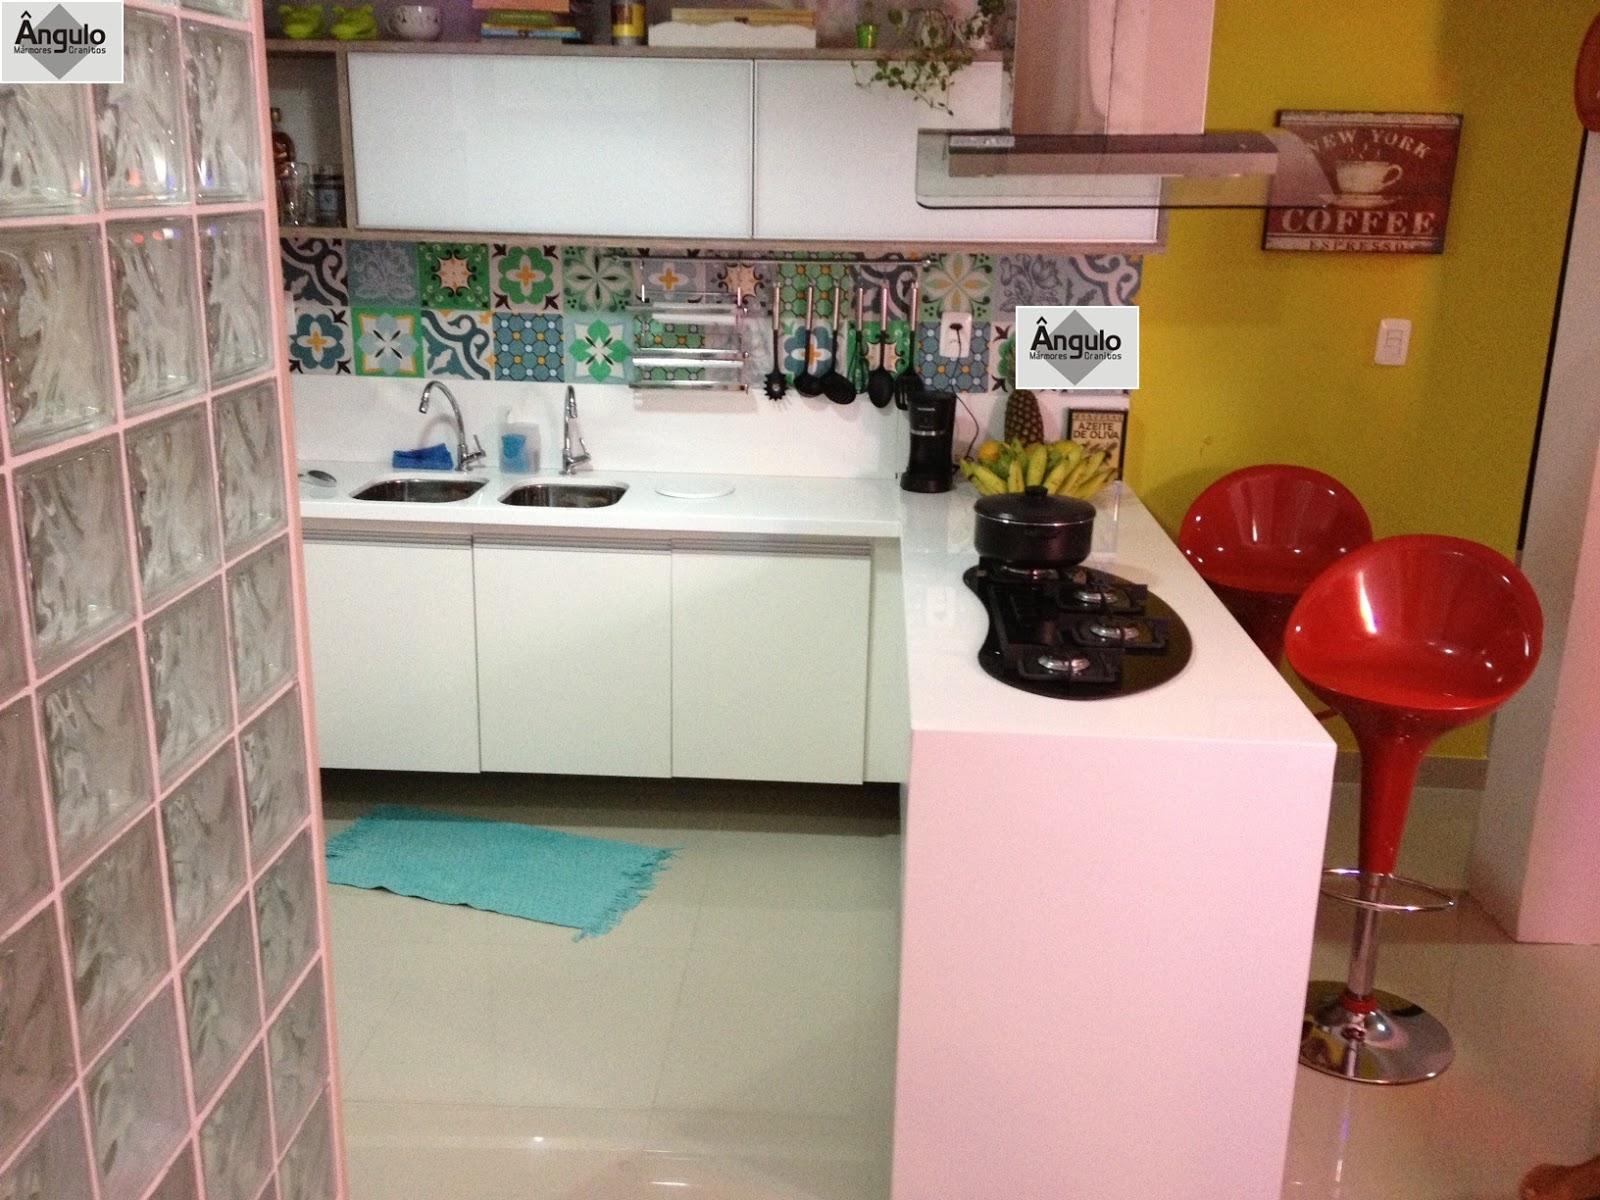 Ângulo Mármores e Granitos: Cozinha Balcão e Mesa em Nanoglass #B21F19 1600x1200 Balcao Banheiro Fabrica